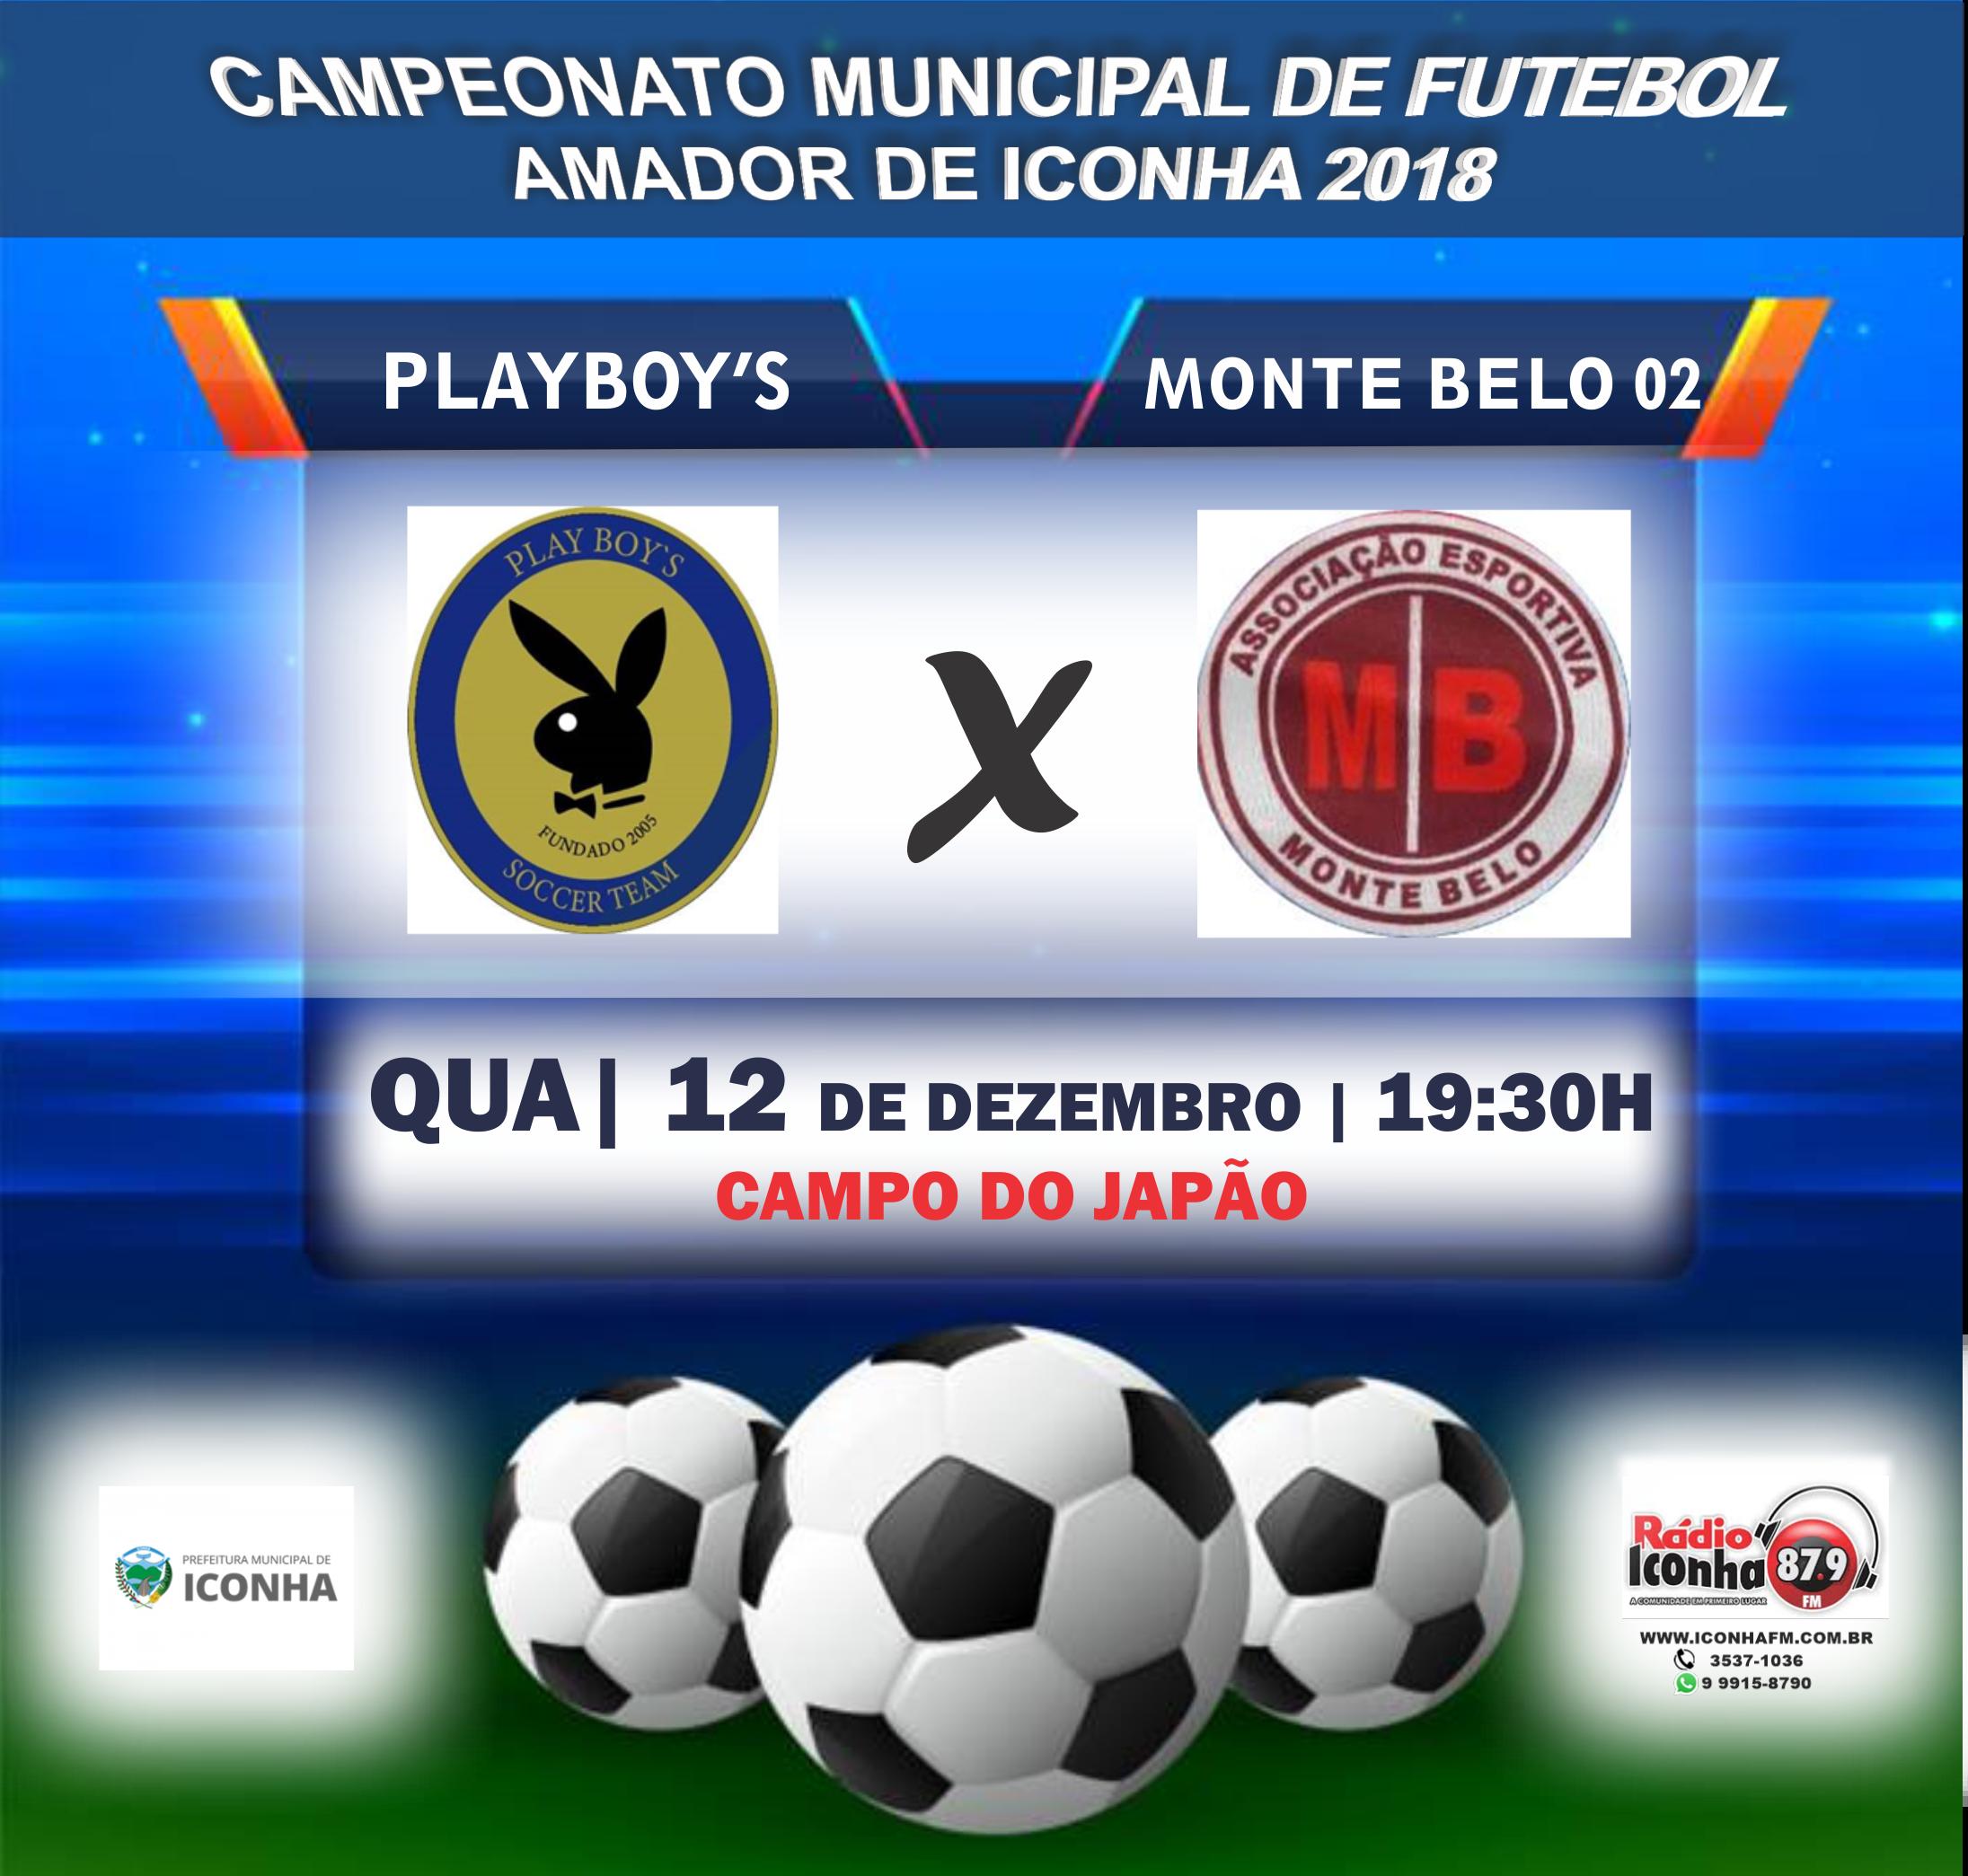 Campeonato Municipal de Futebol Amador de Iconha 2018